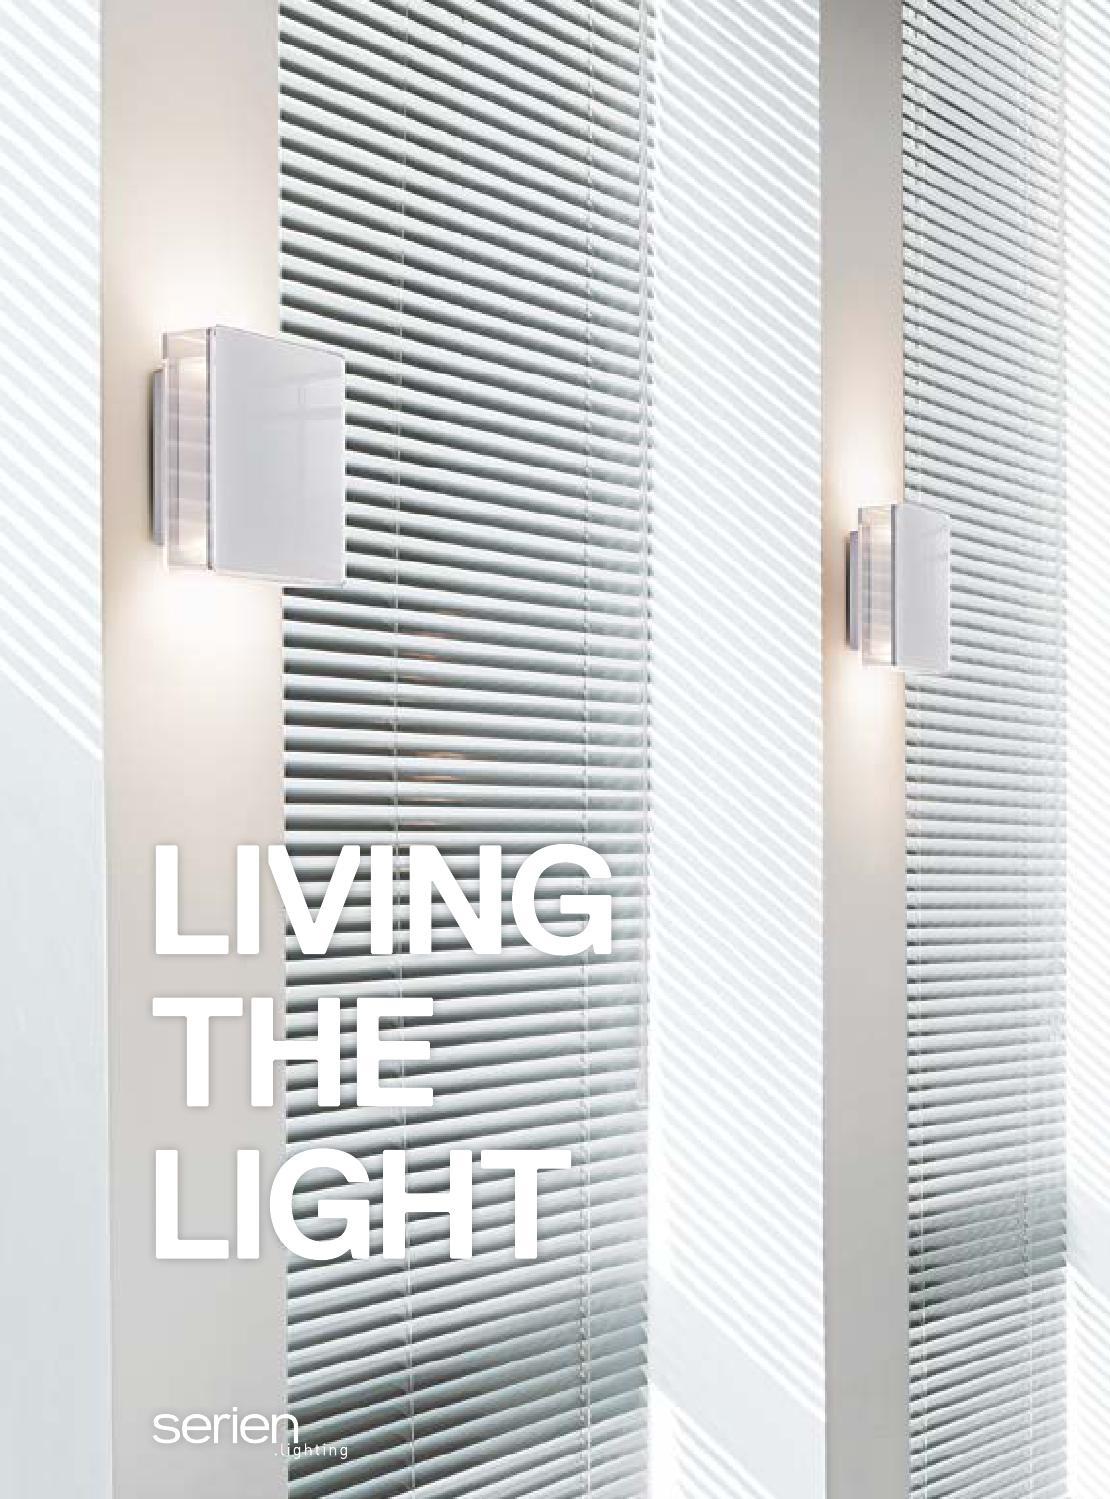 Serien Lichting Catalogue 2015 By Brink Licht Issuu